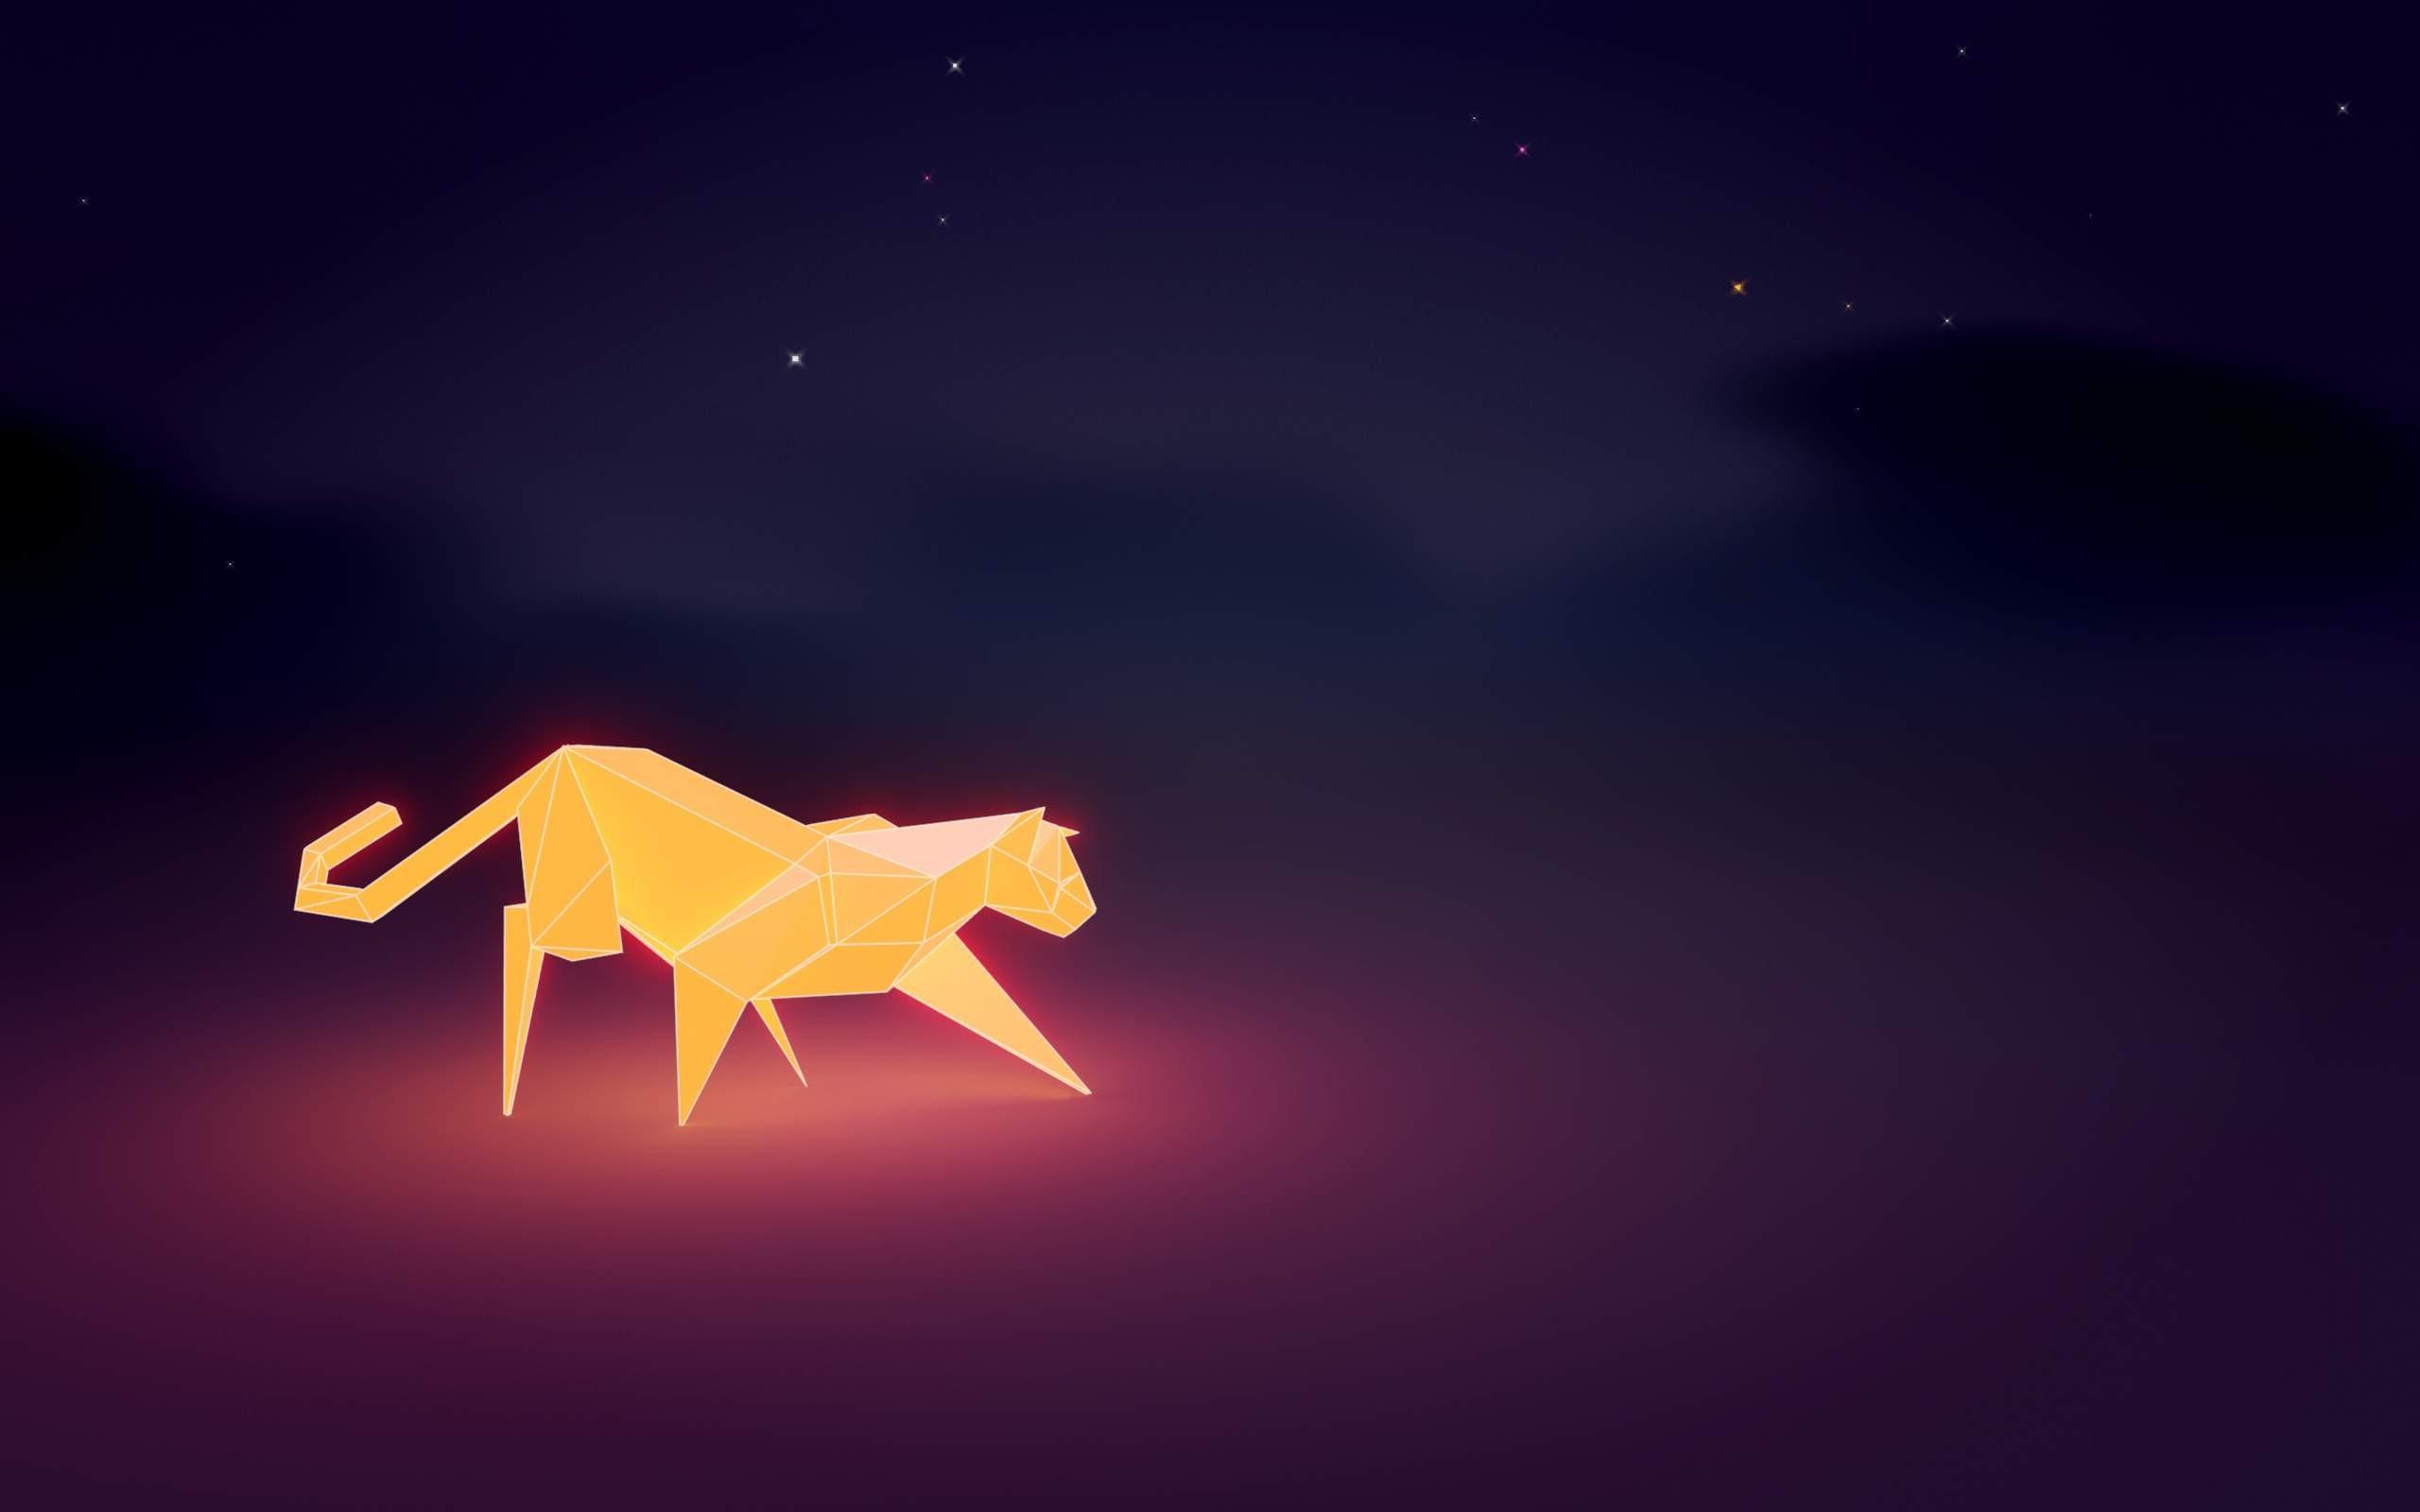 Wallpaper Illustration Cat Night Sky Low Poly Light